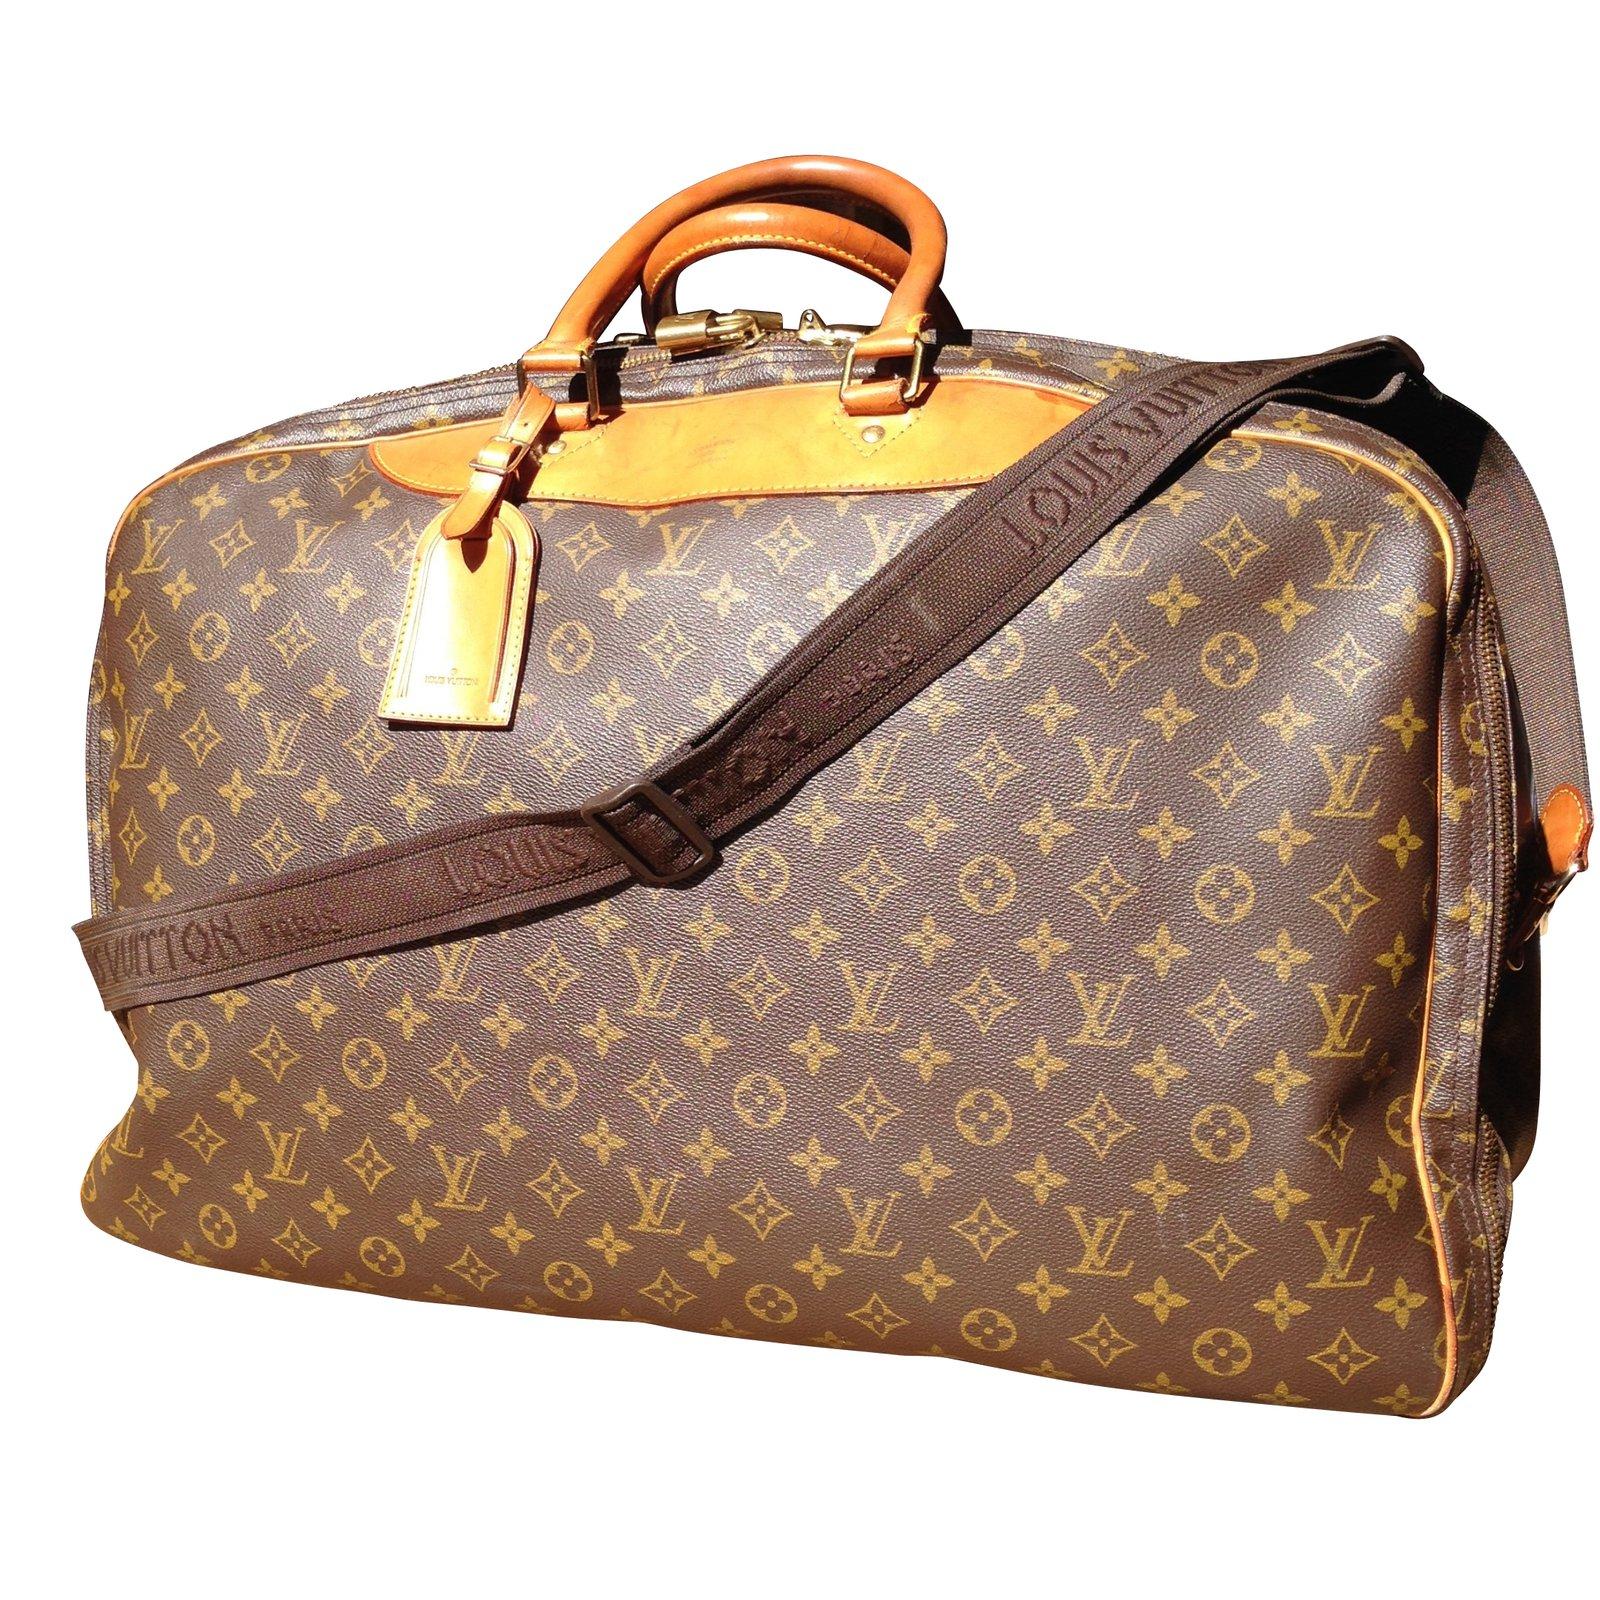 sacs de voyage louis vuitton aliz 3 poches synth tique marron joli closet. Black Bedroom Furniture Sets. Home Design Ideas